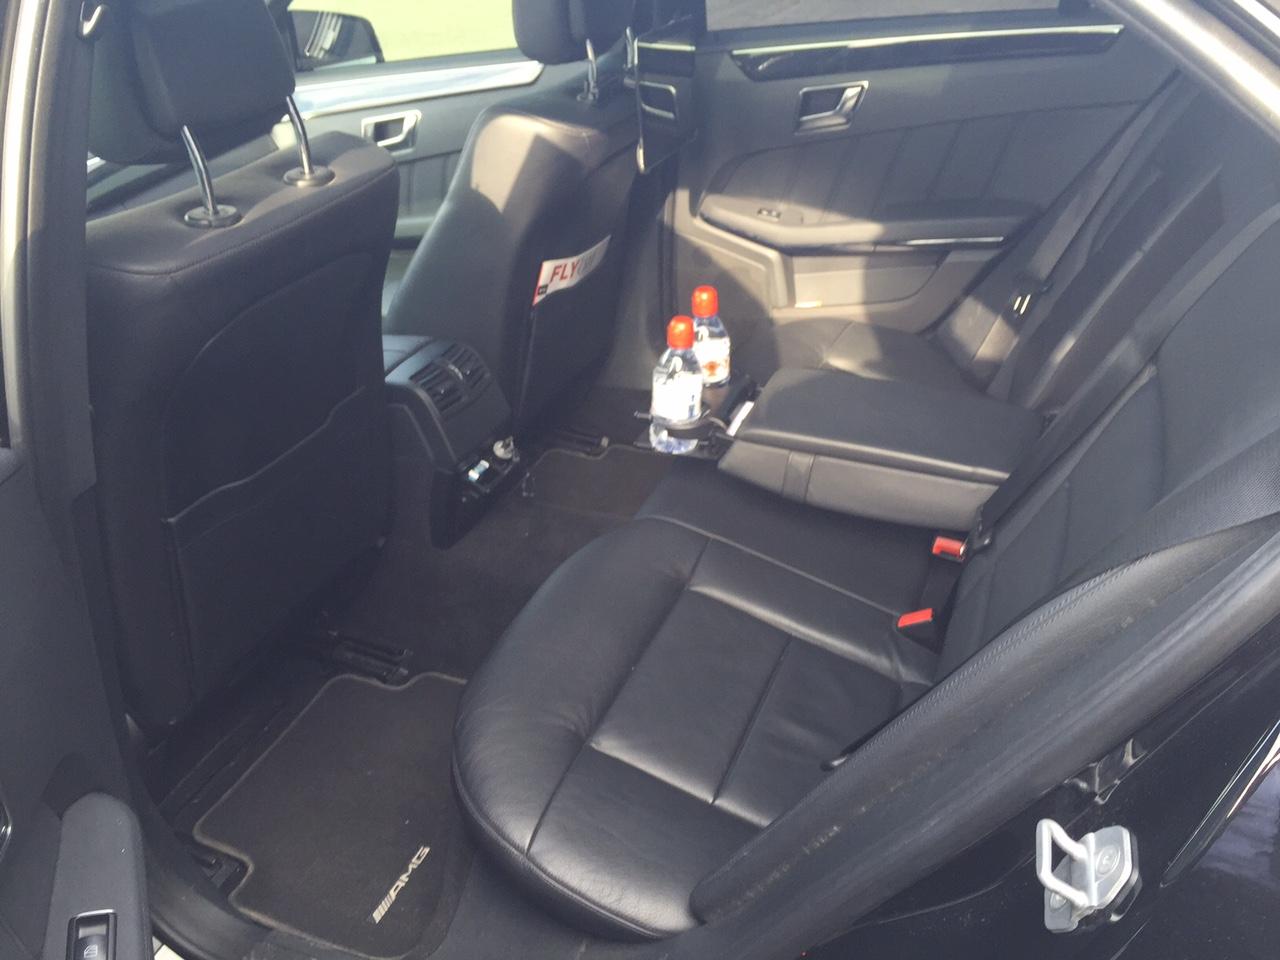 vtc chauffeur priv chassagny votre chauffeur priv lyon et s. Black Bedroom Furniture Sets. Home Design Ideas